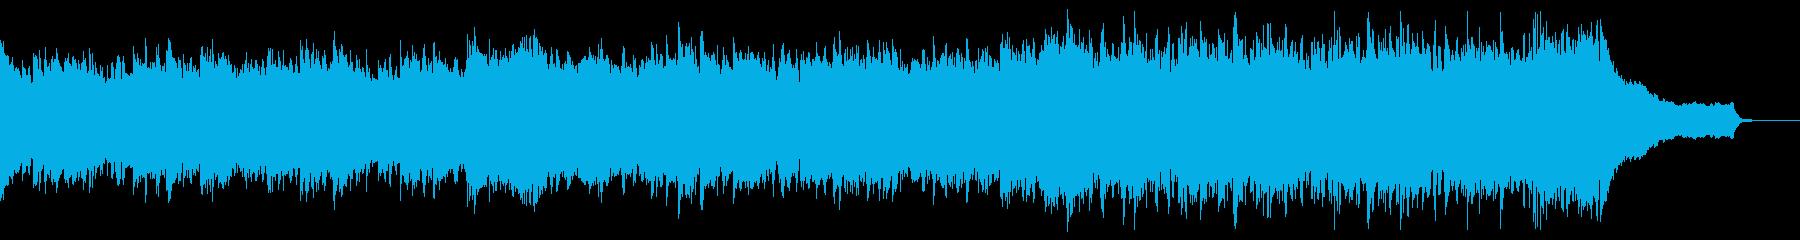 企業VPや映像98、オーケストラ、爽快bの再生済みの波形